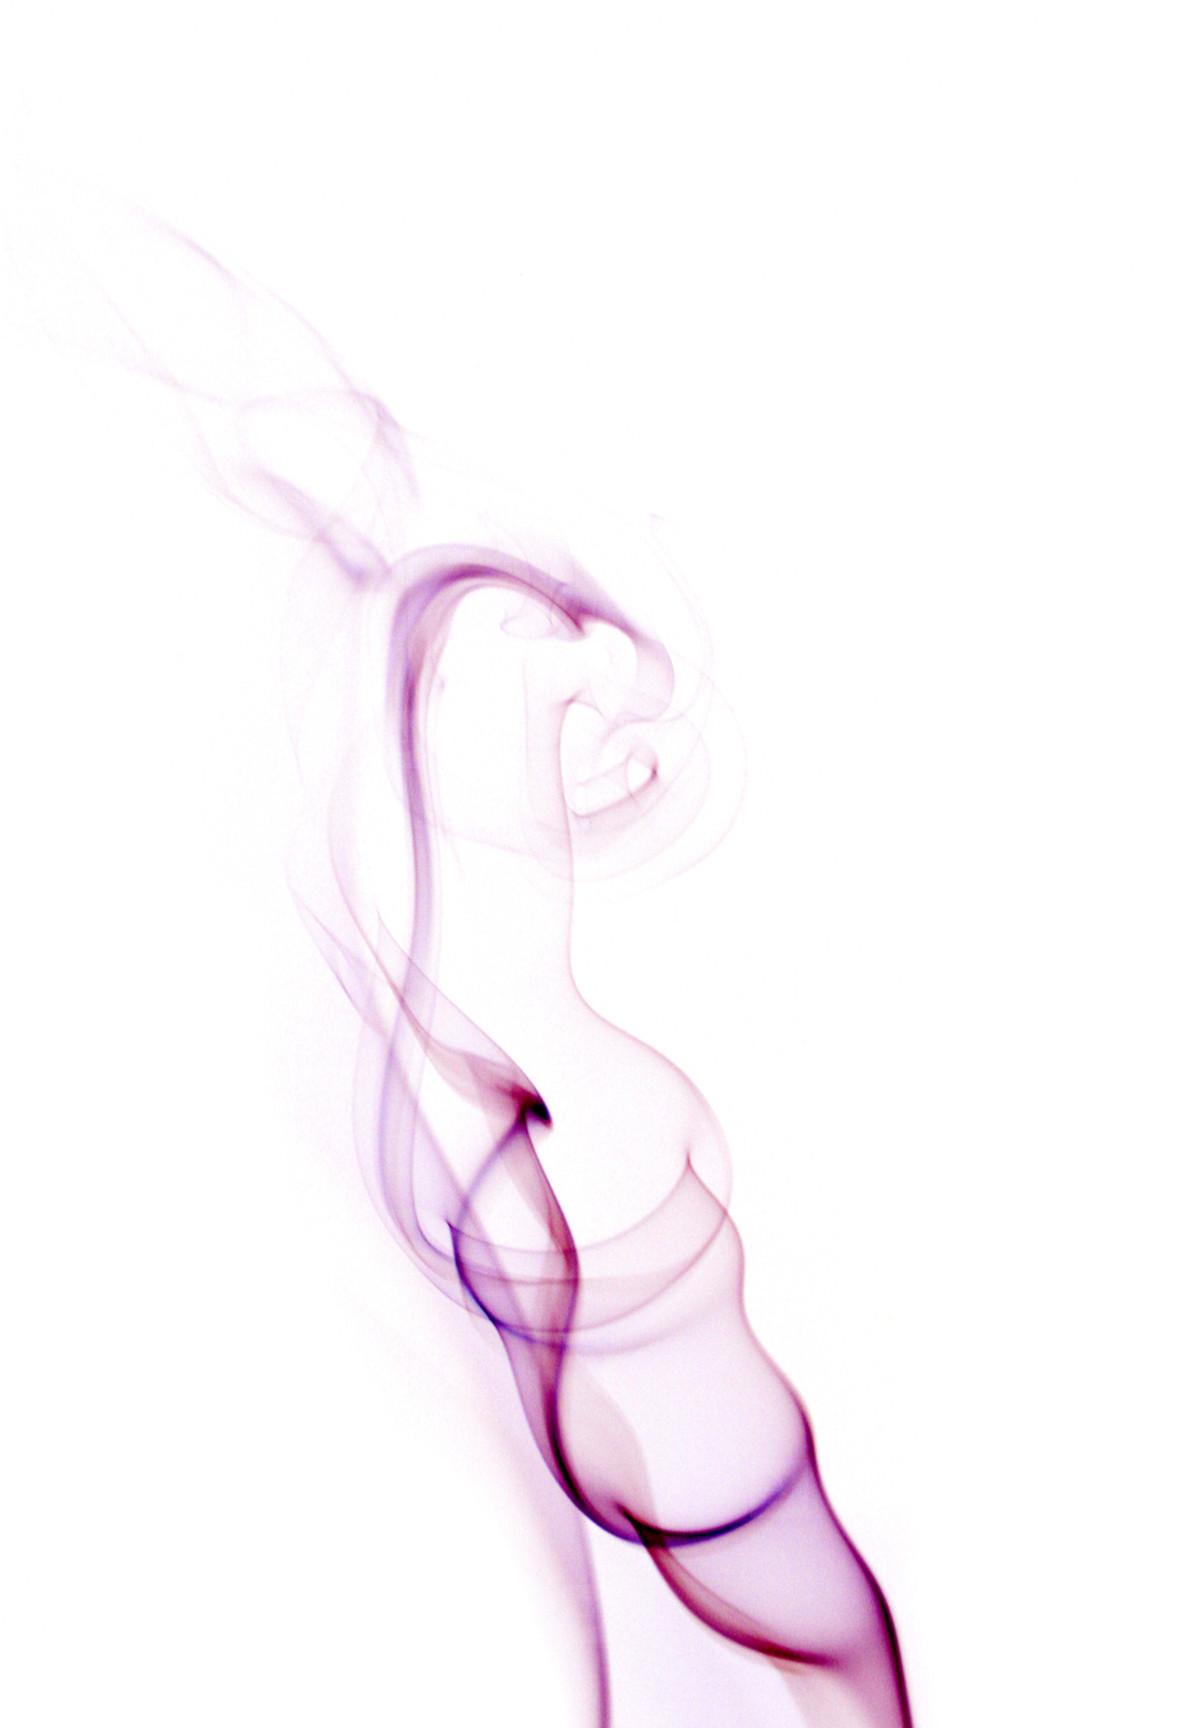 Smoke 04